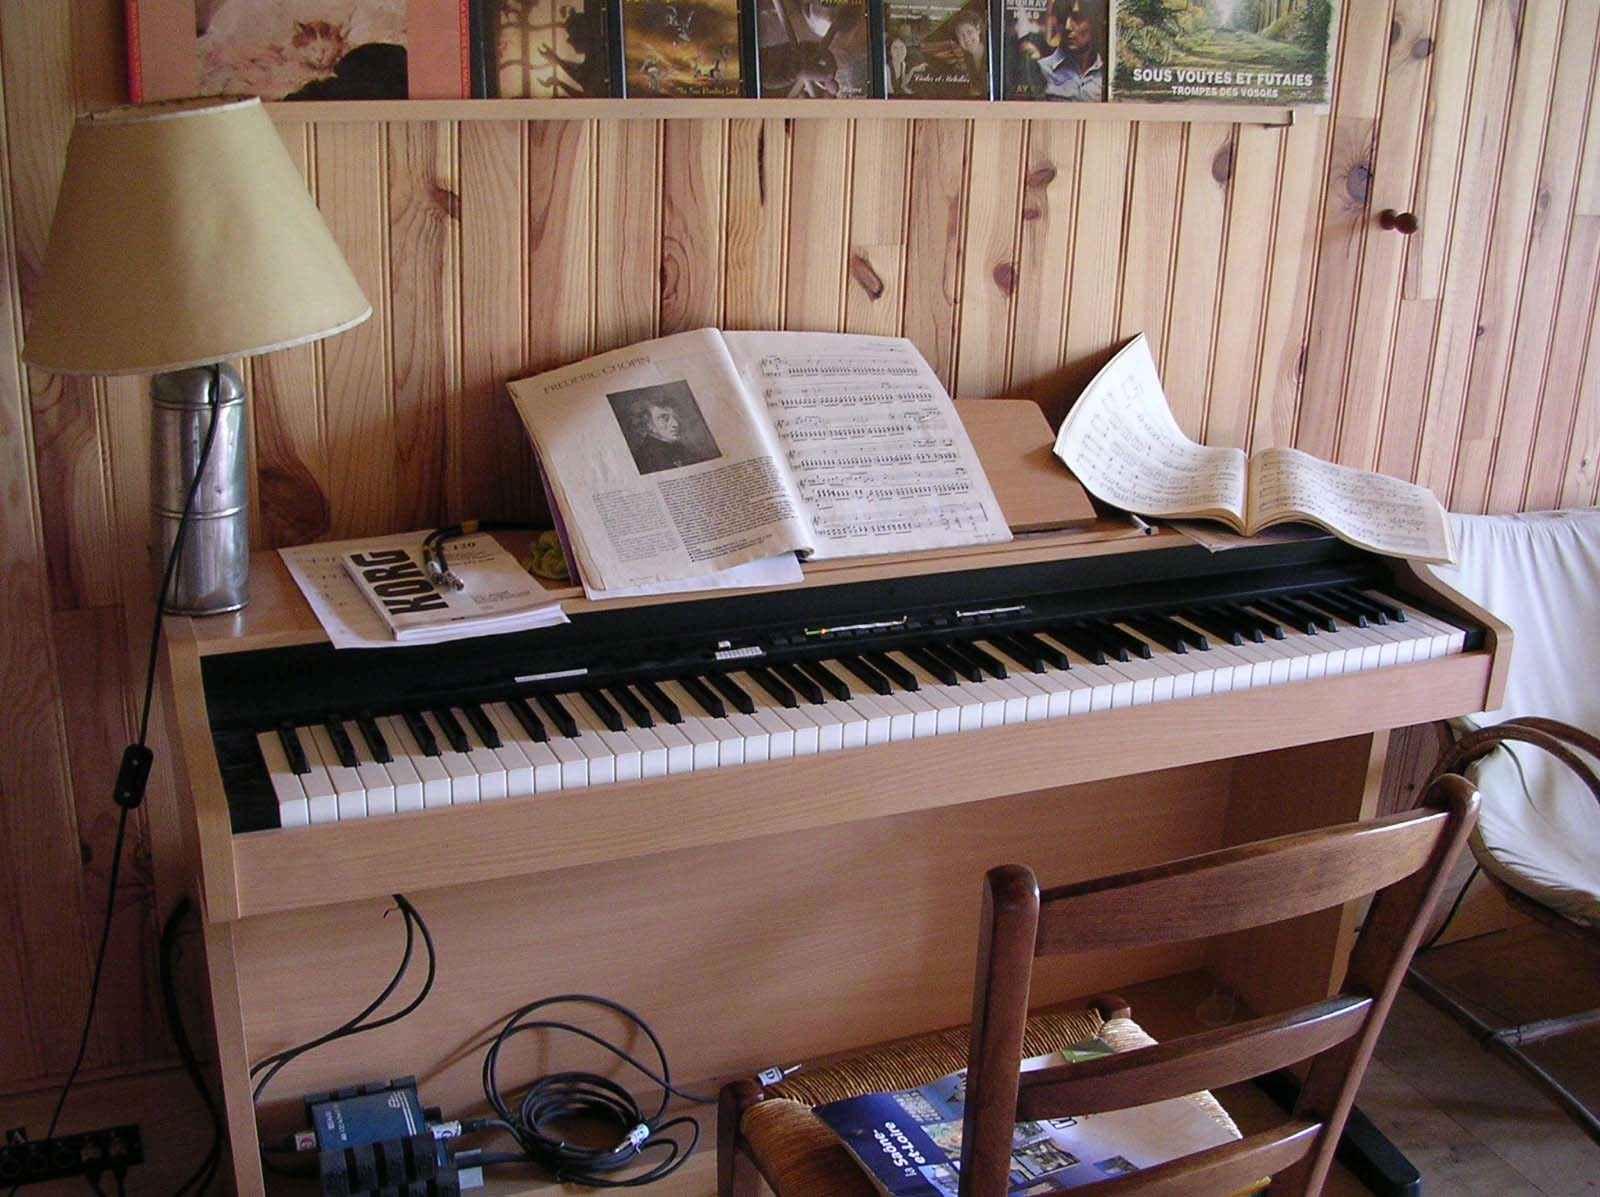 ec 120 lt korg ec 120 lt audiofanzine. Black Bedroom Furniture Sets. Home Design Ideas